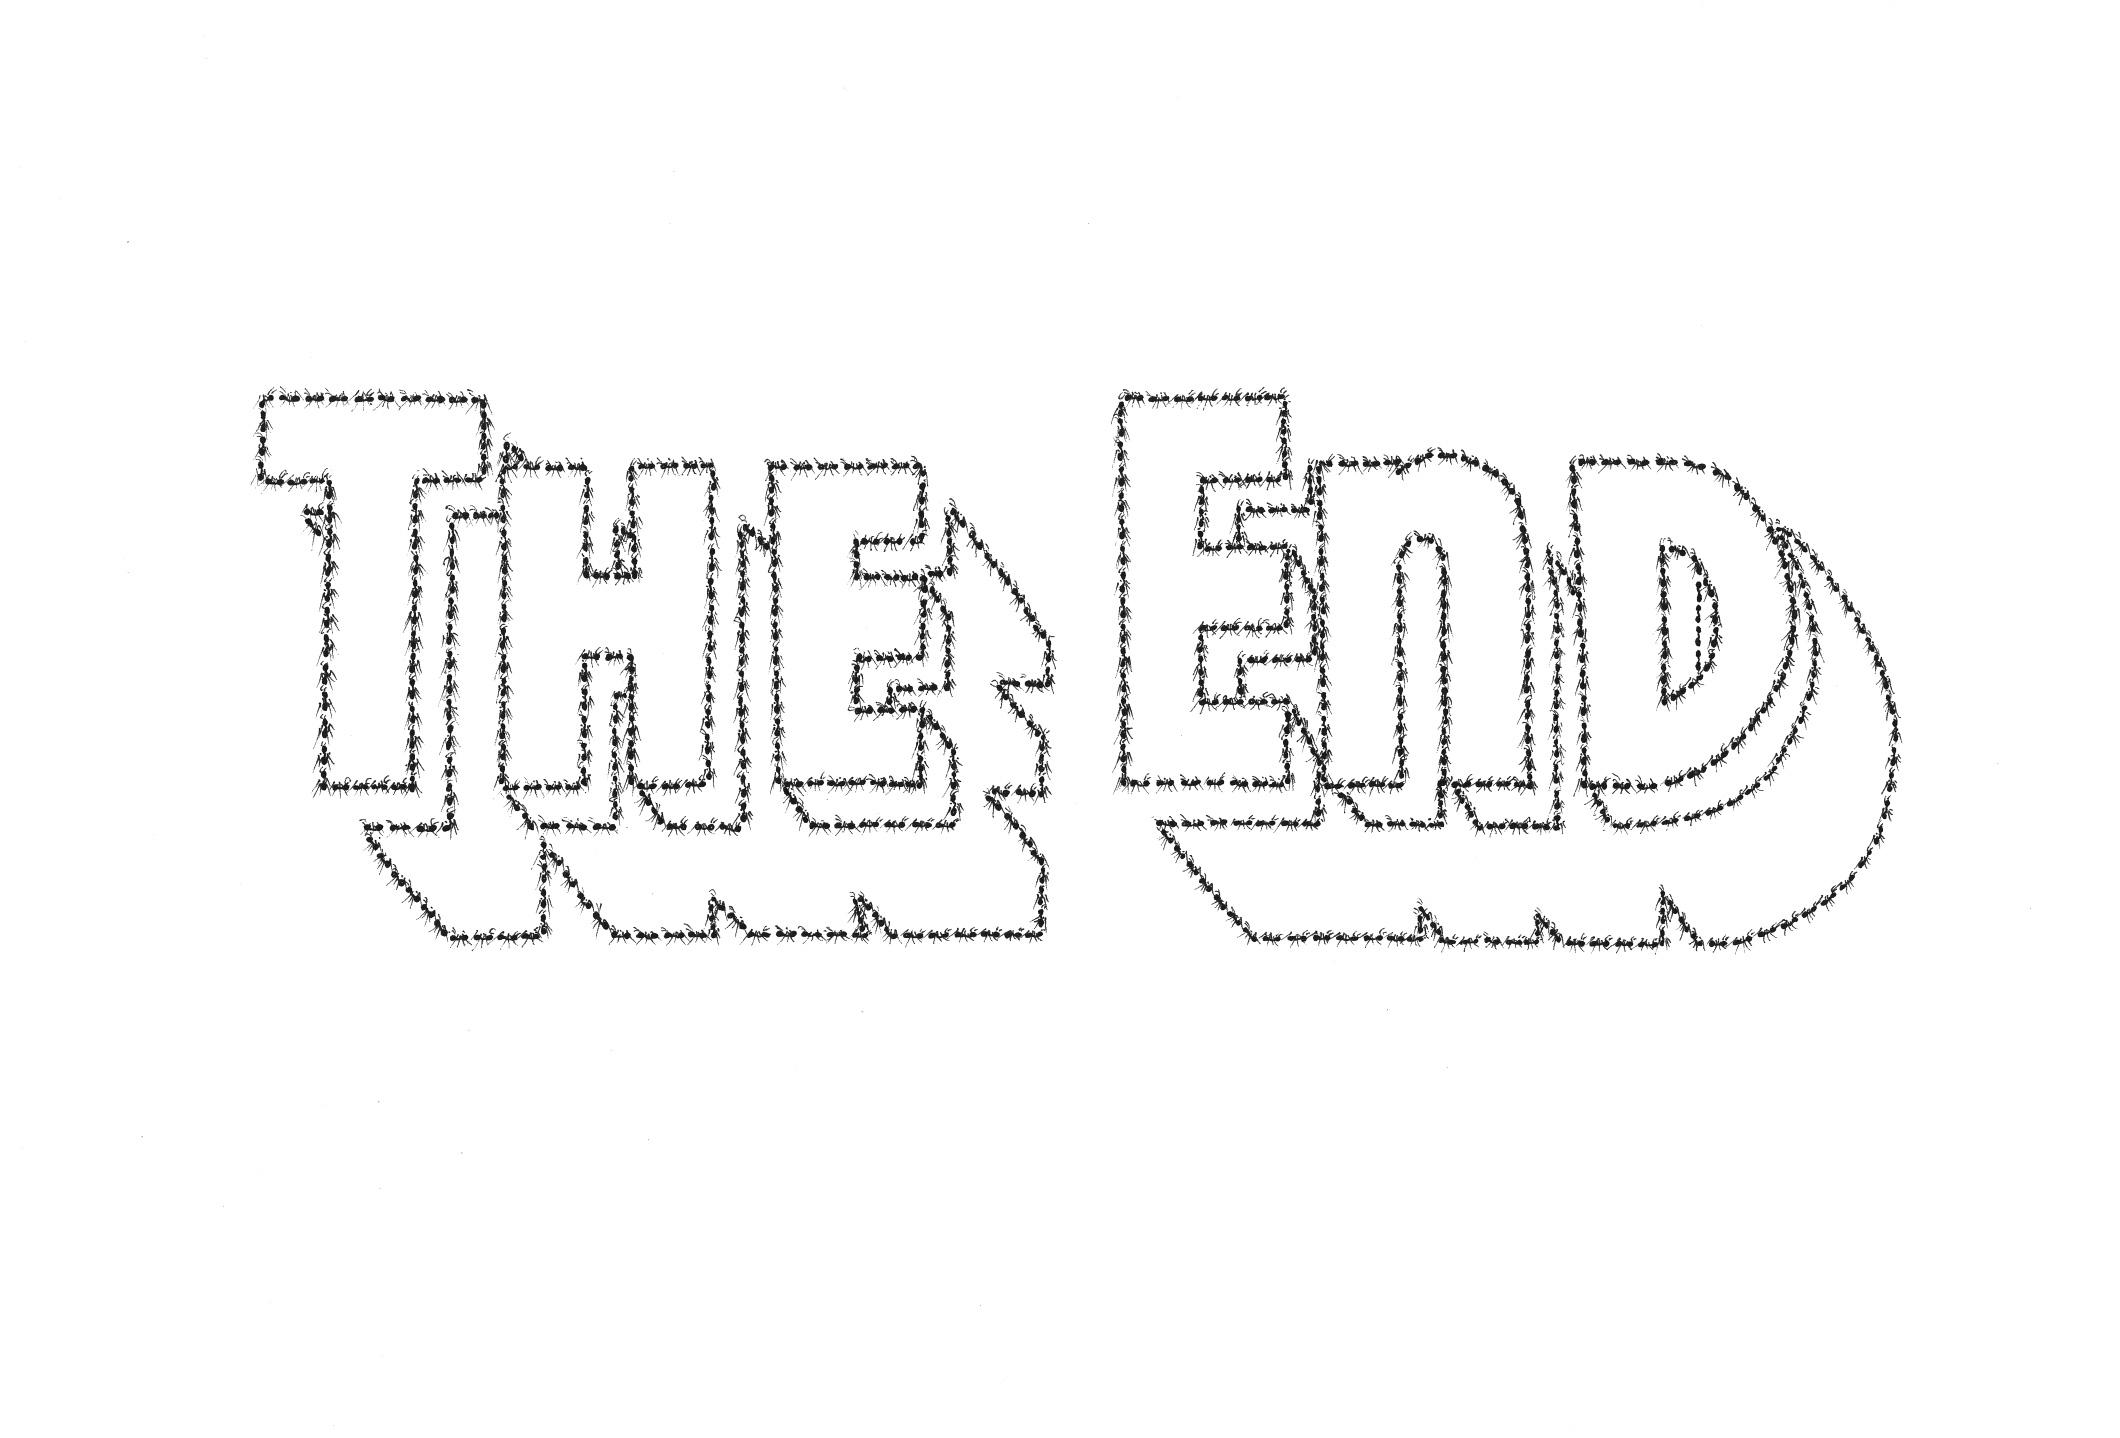 fourmi_the_end_04.jpg